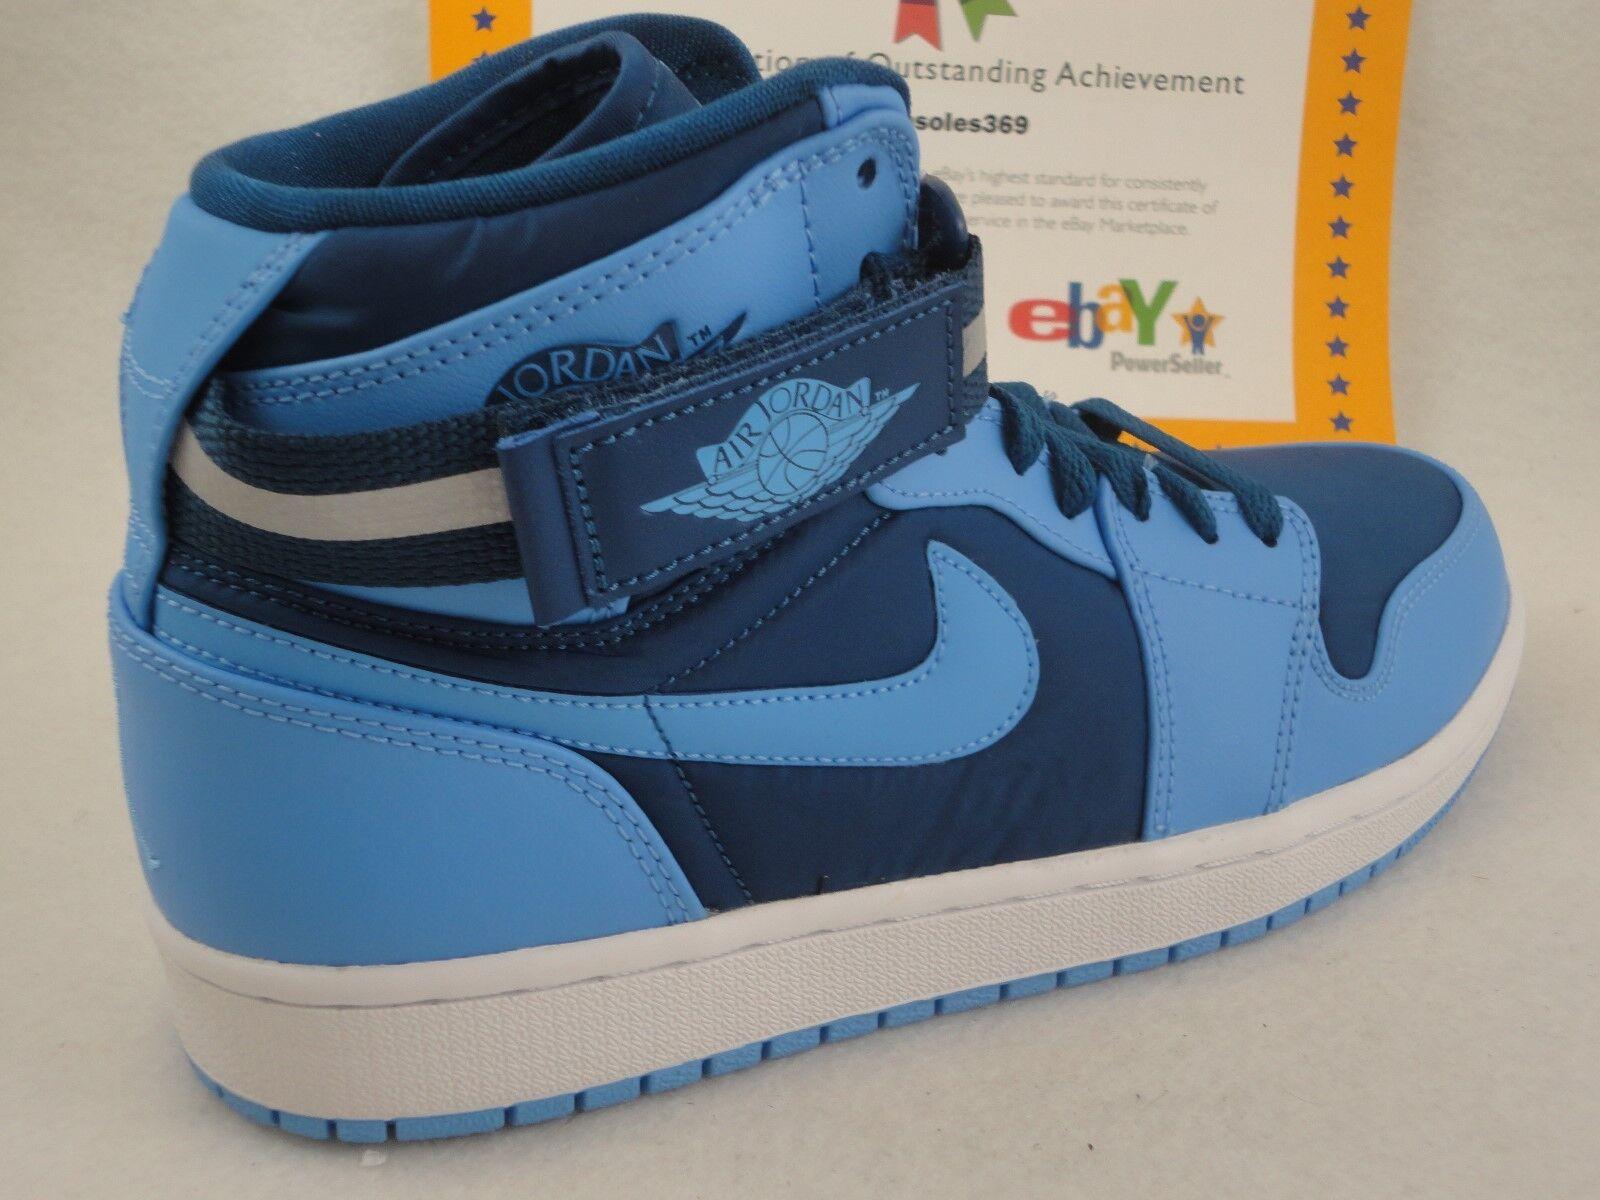 Nike Air Jordan 1 alta correa, French French correa, Azul / Universidad Azul, UNC, Nylon SZ 11 especial de tiempo limitado ae1cfc